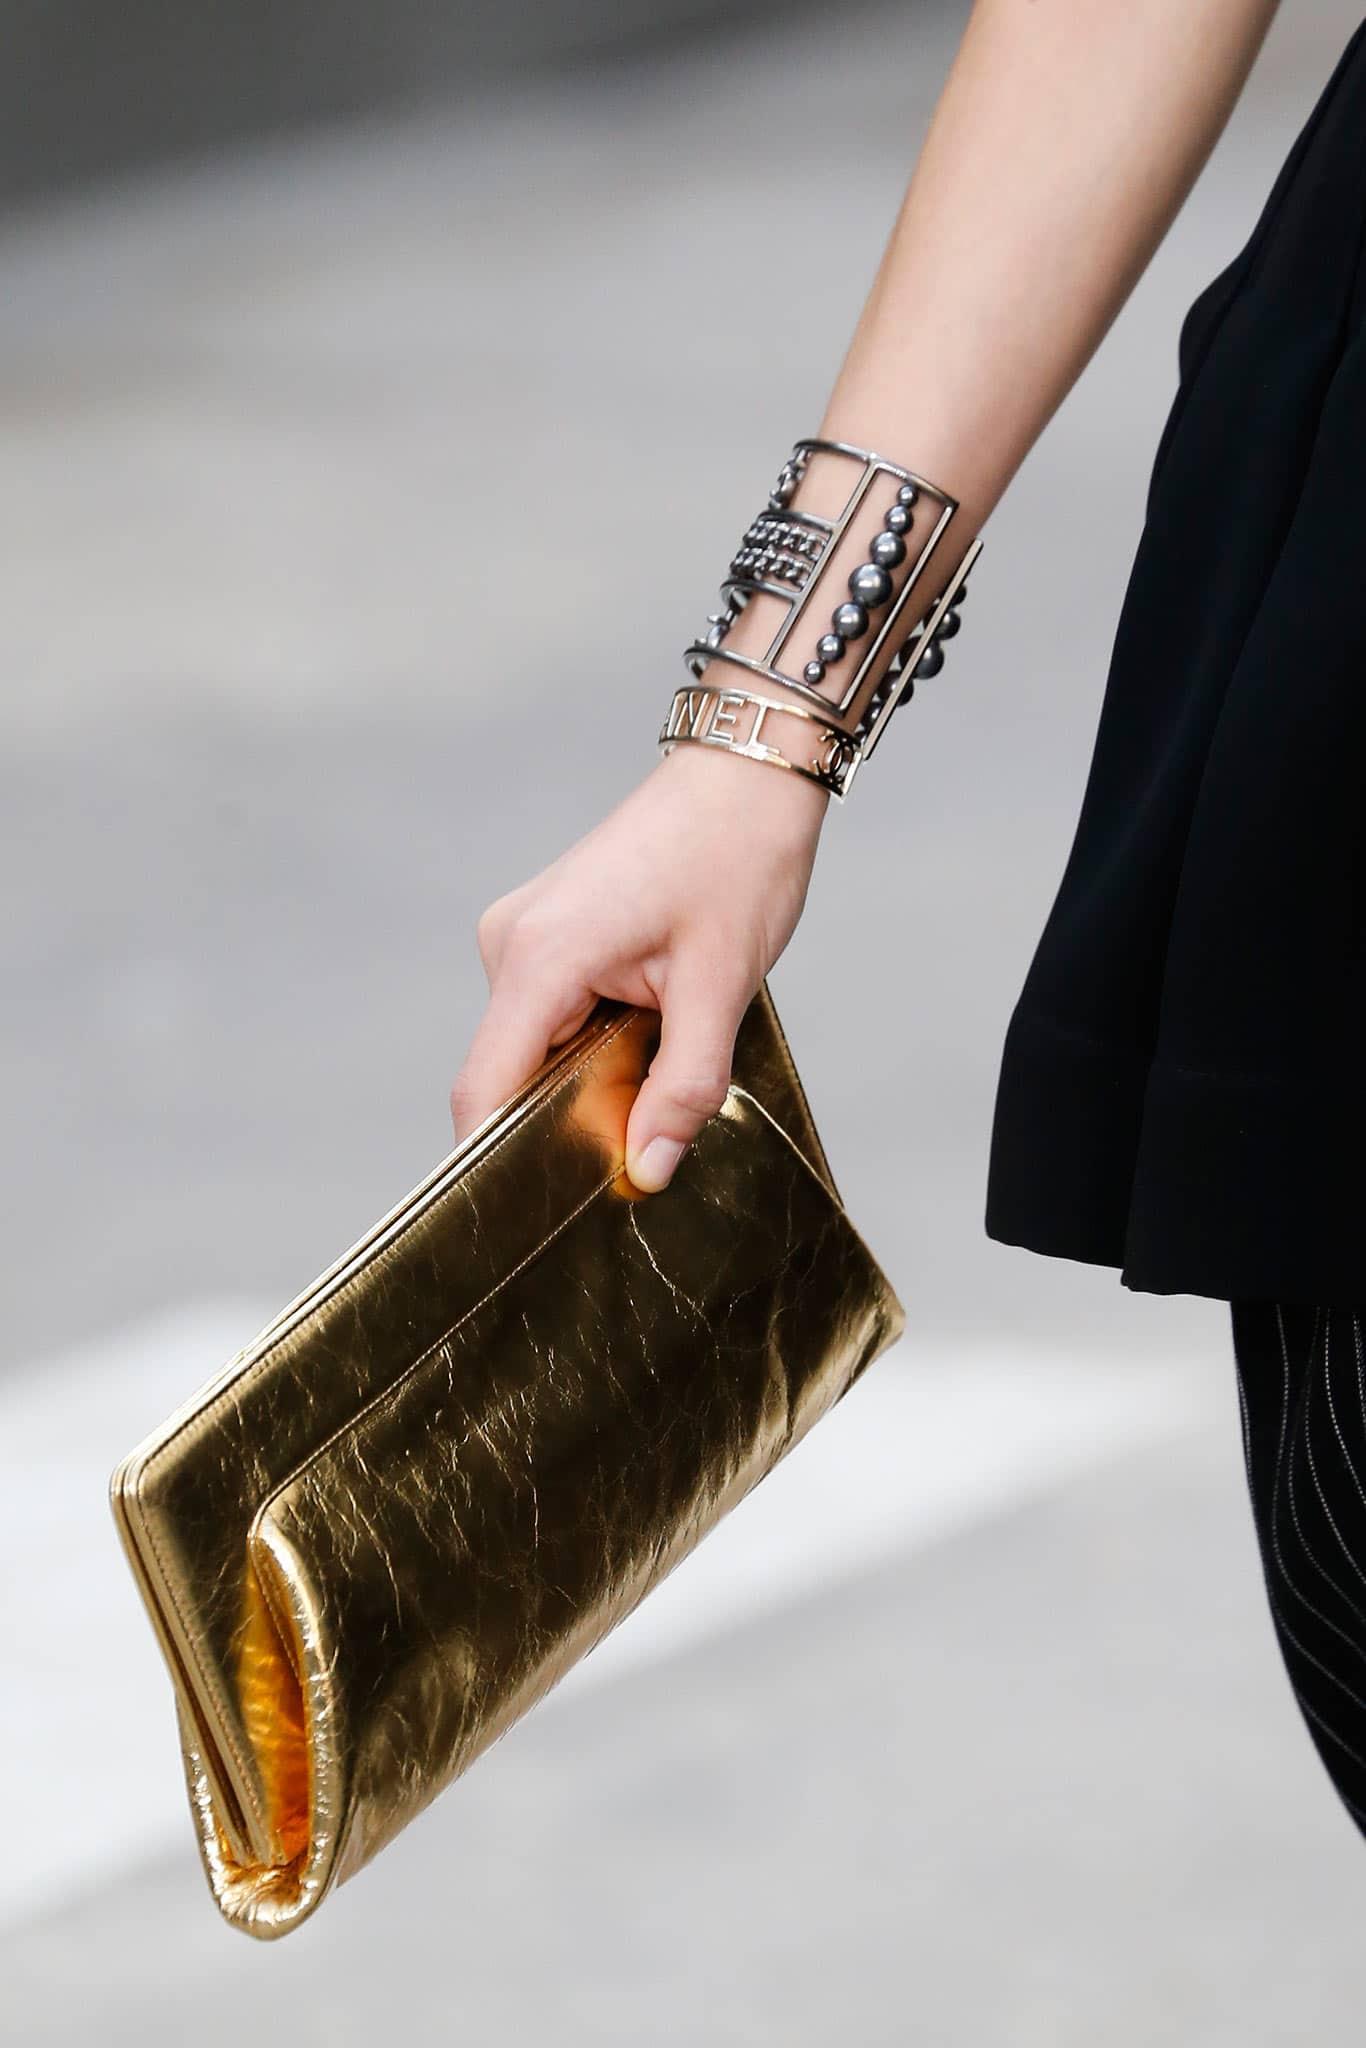 Chanel Clutch Bag 2015 Chanel Gold Clutch Bag